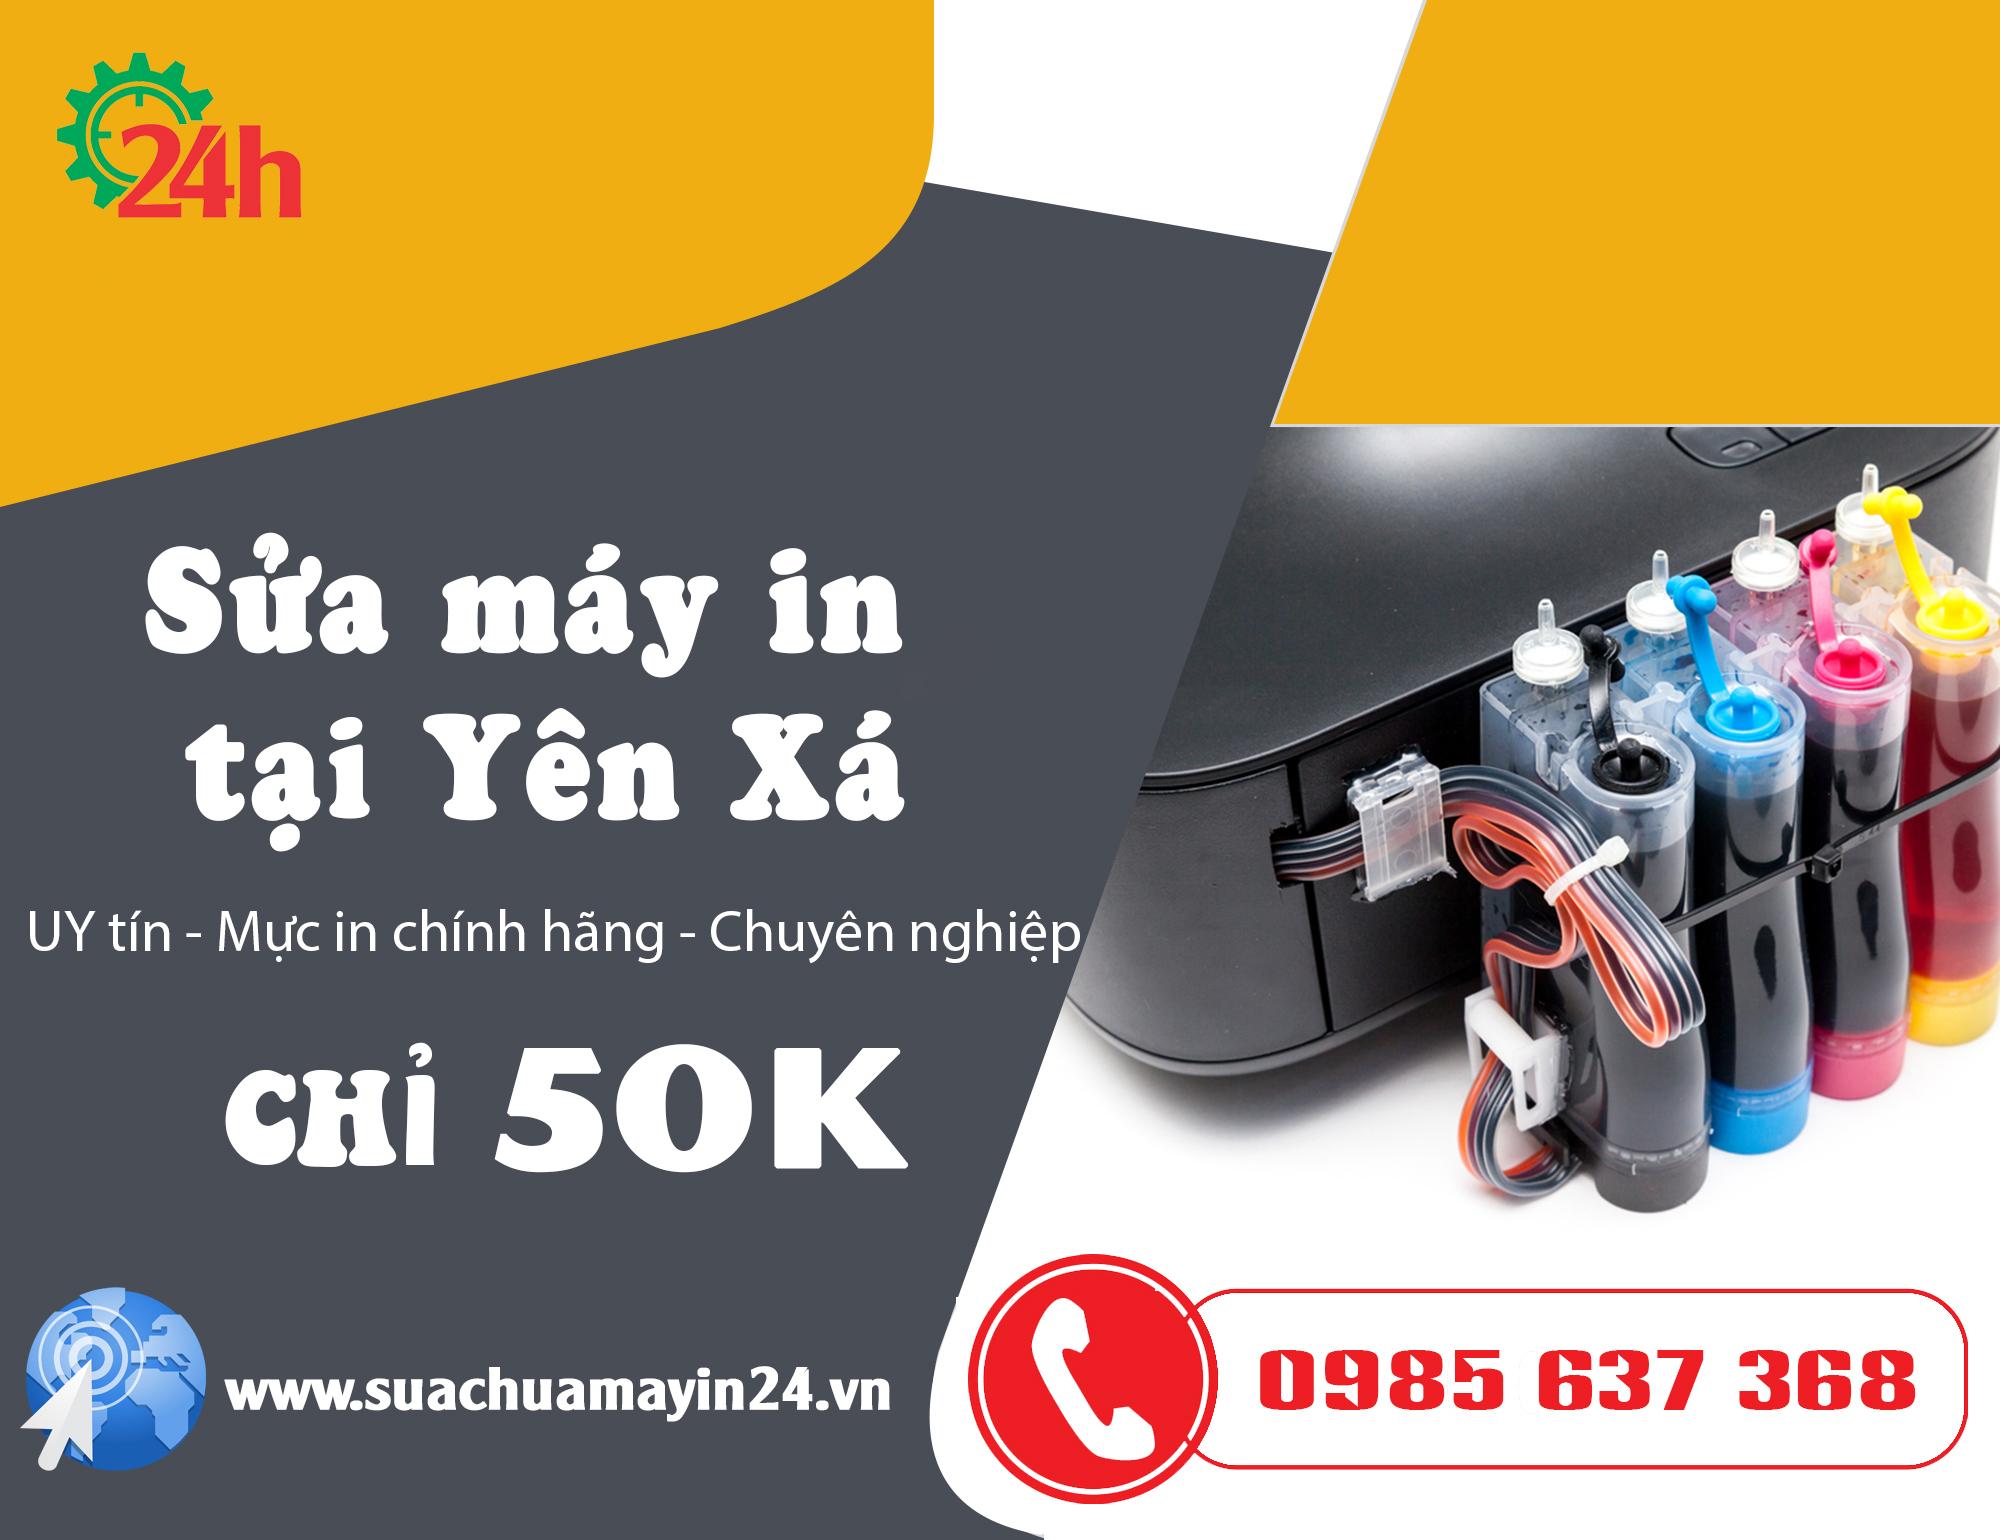 sua-may-in-tai-yen-xa